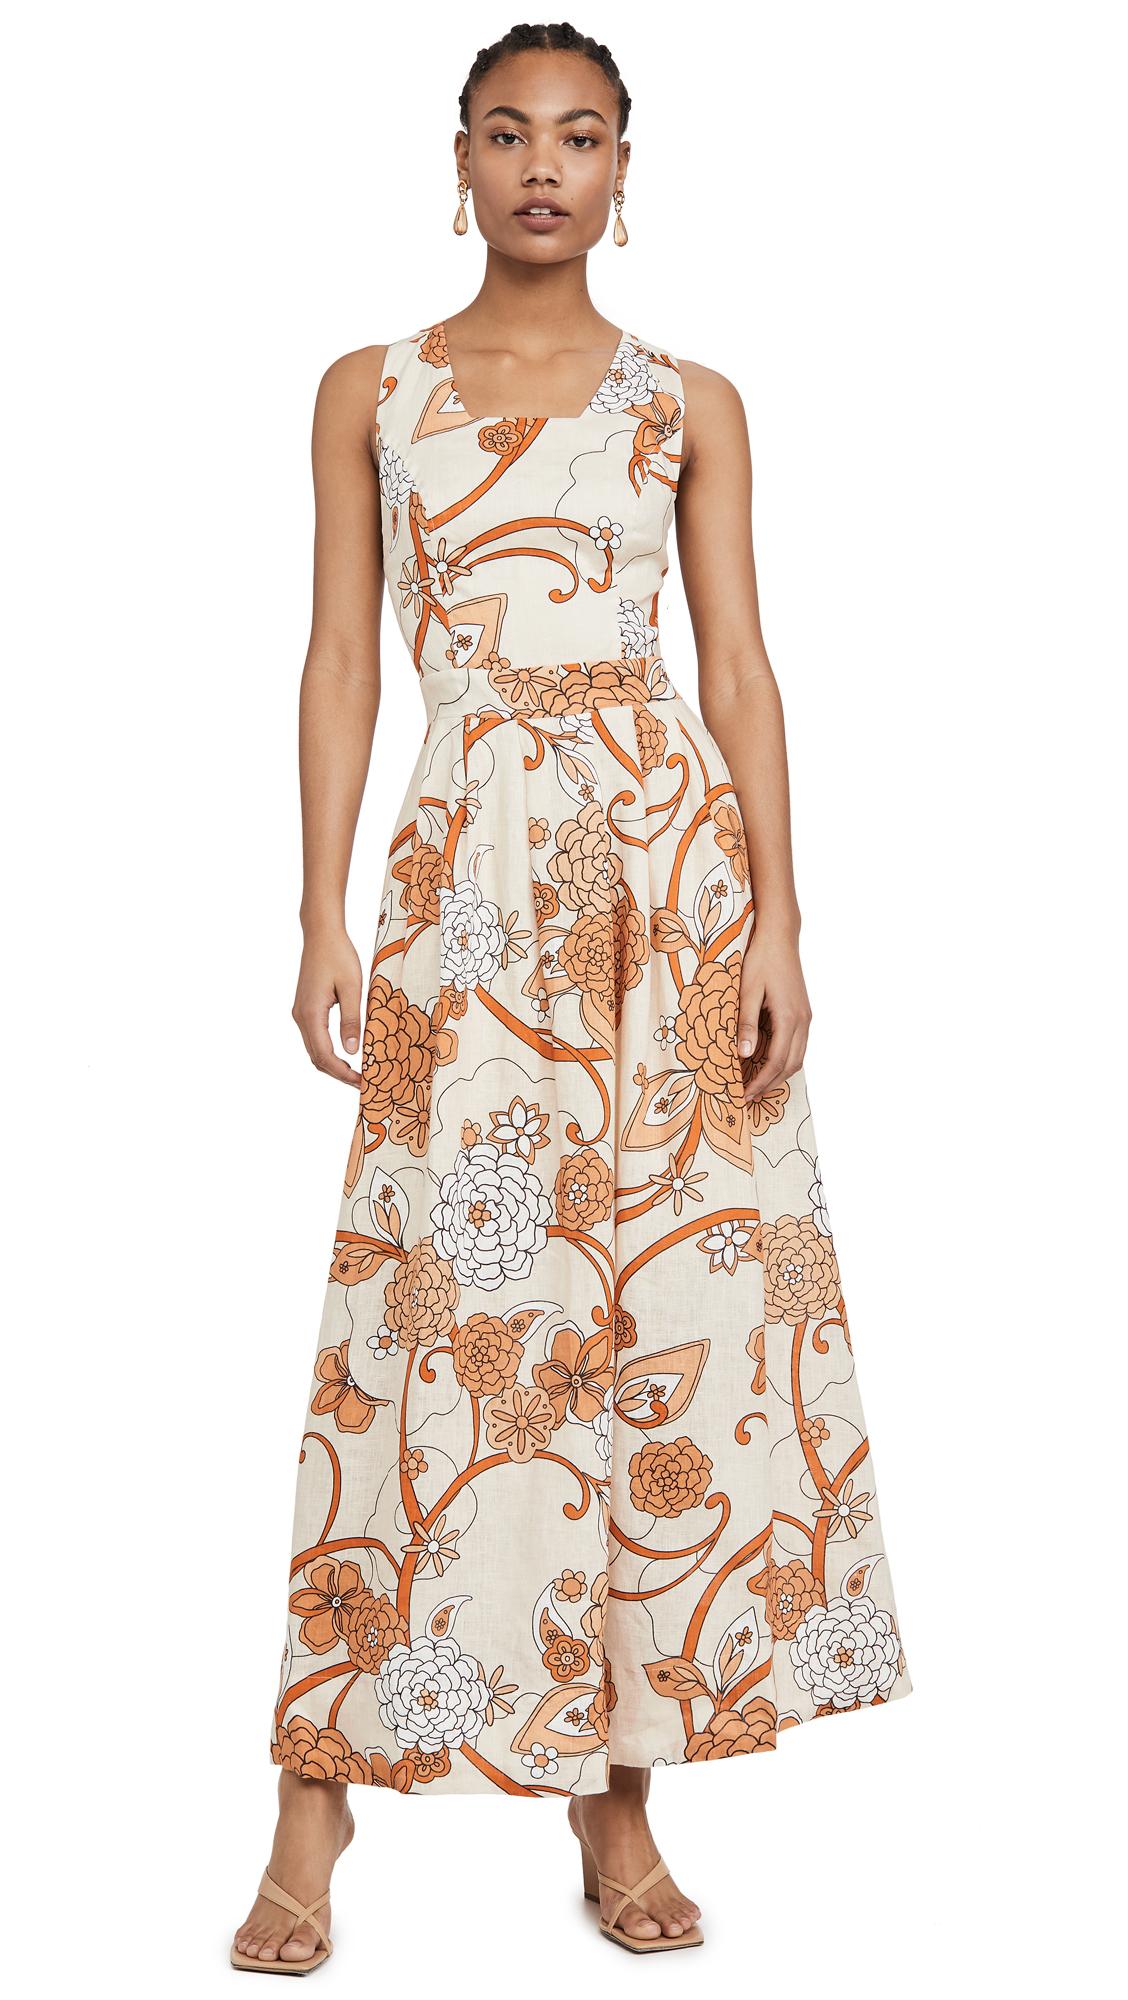 Nicholas Shannon Dress – 50% Off Sale